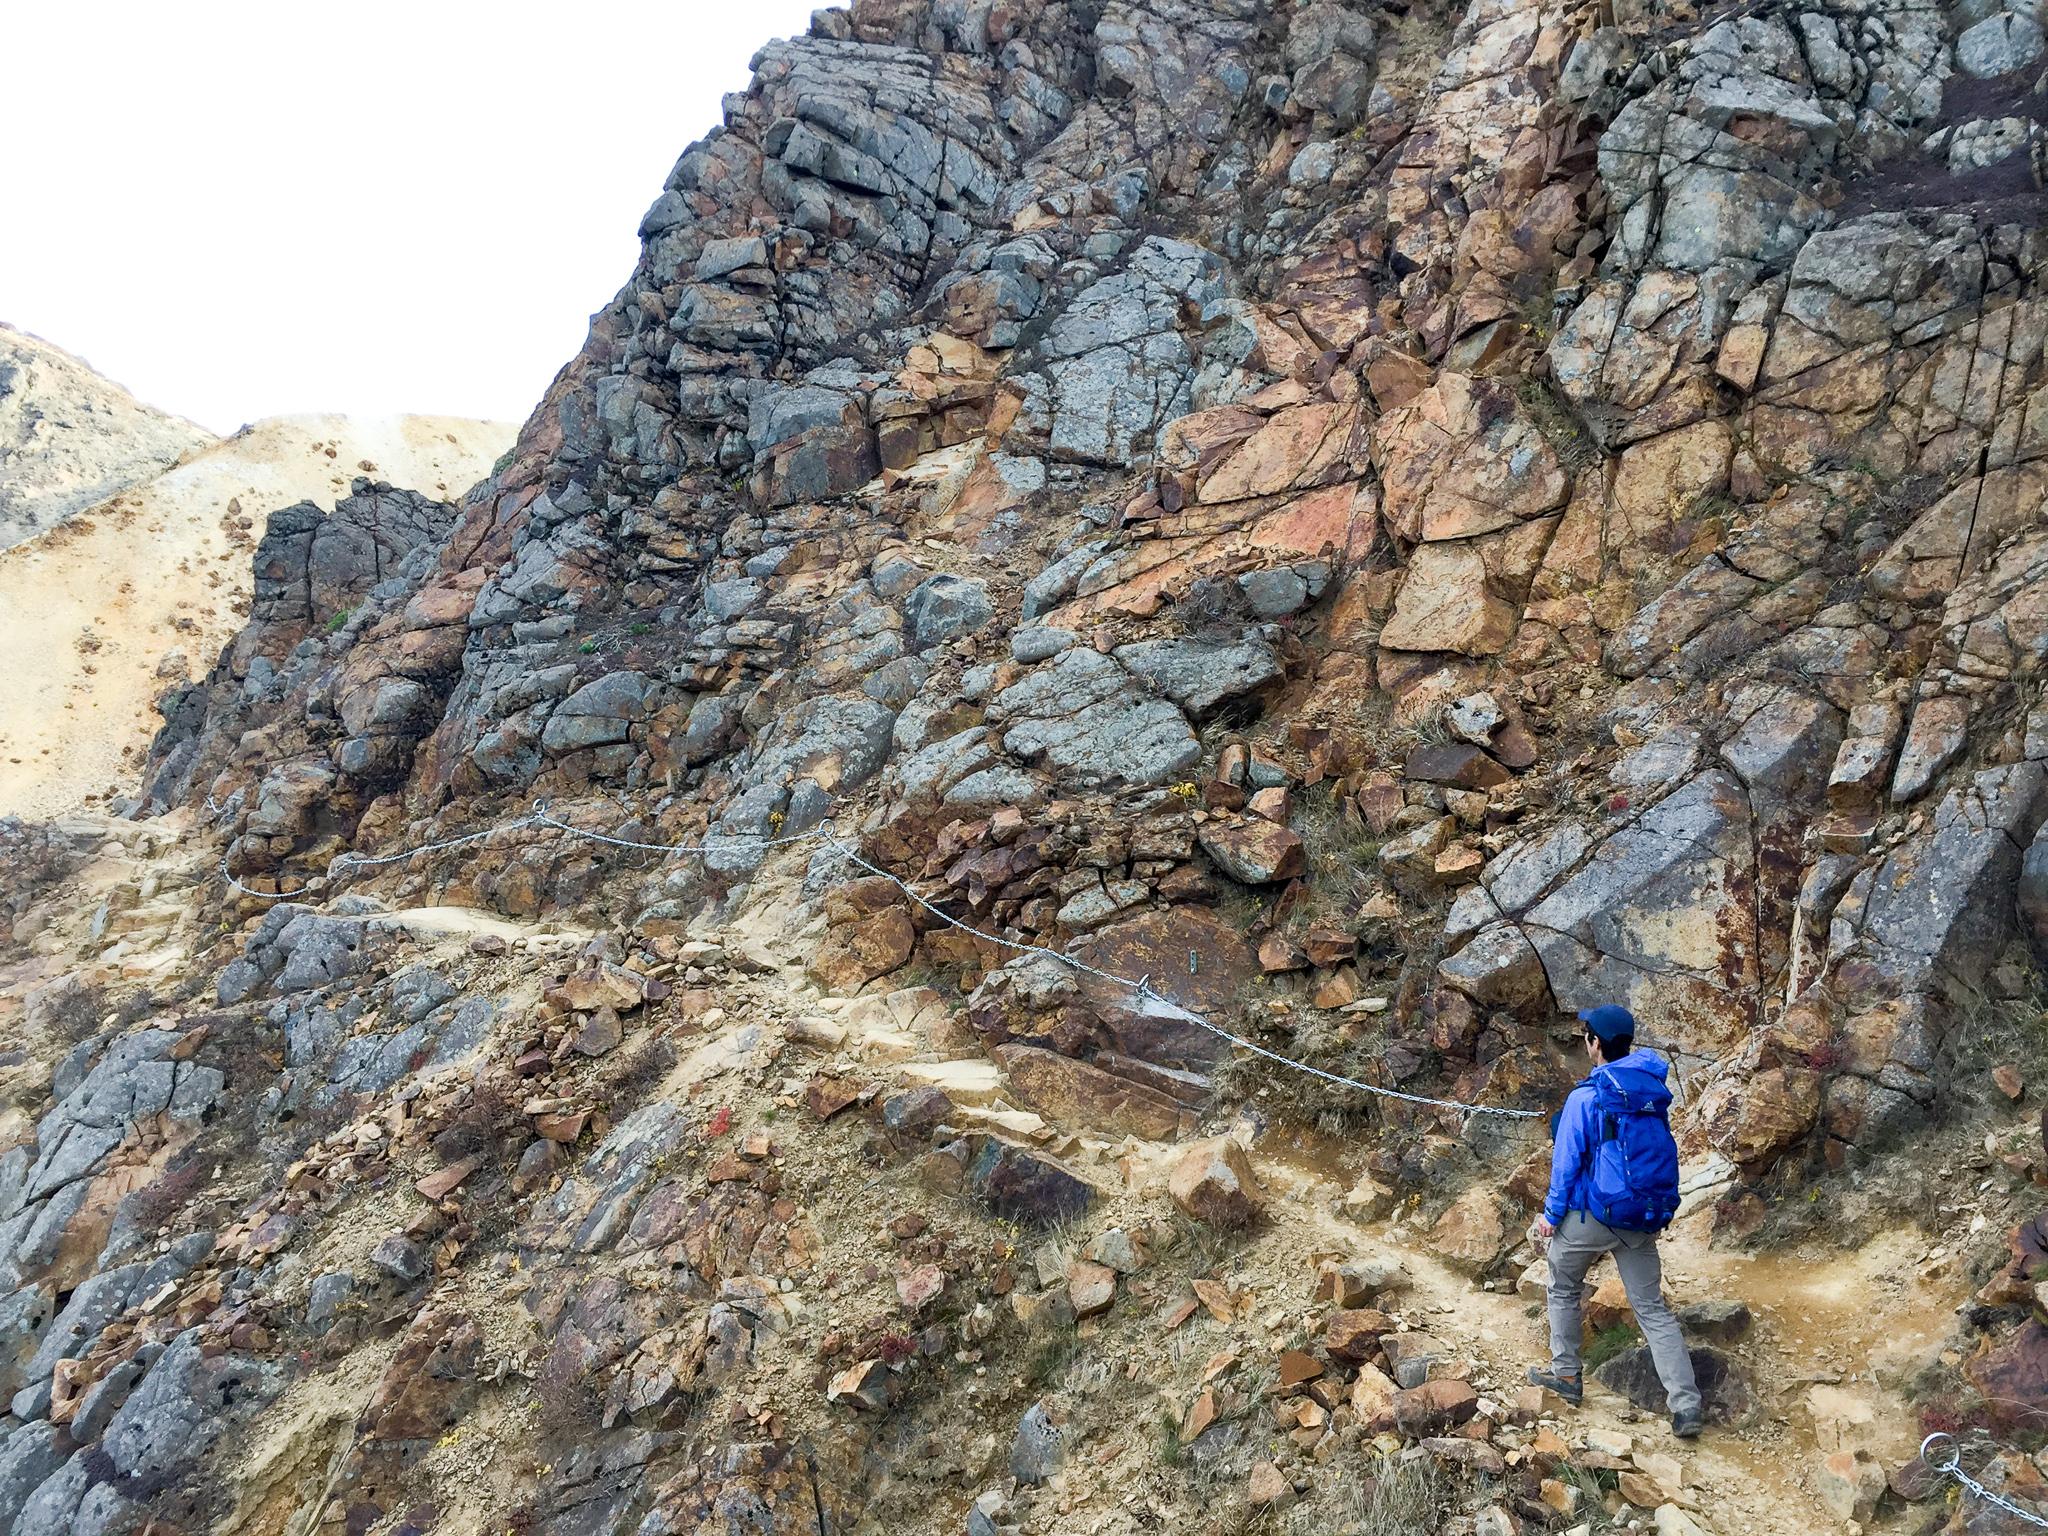 那須岳・朝日岳に向かう稜線にある鎖場